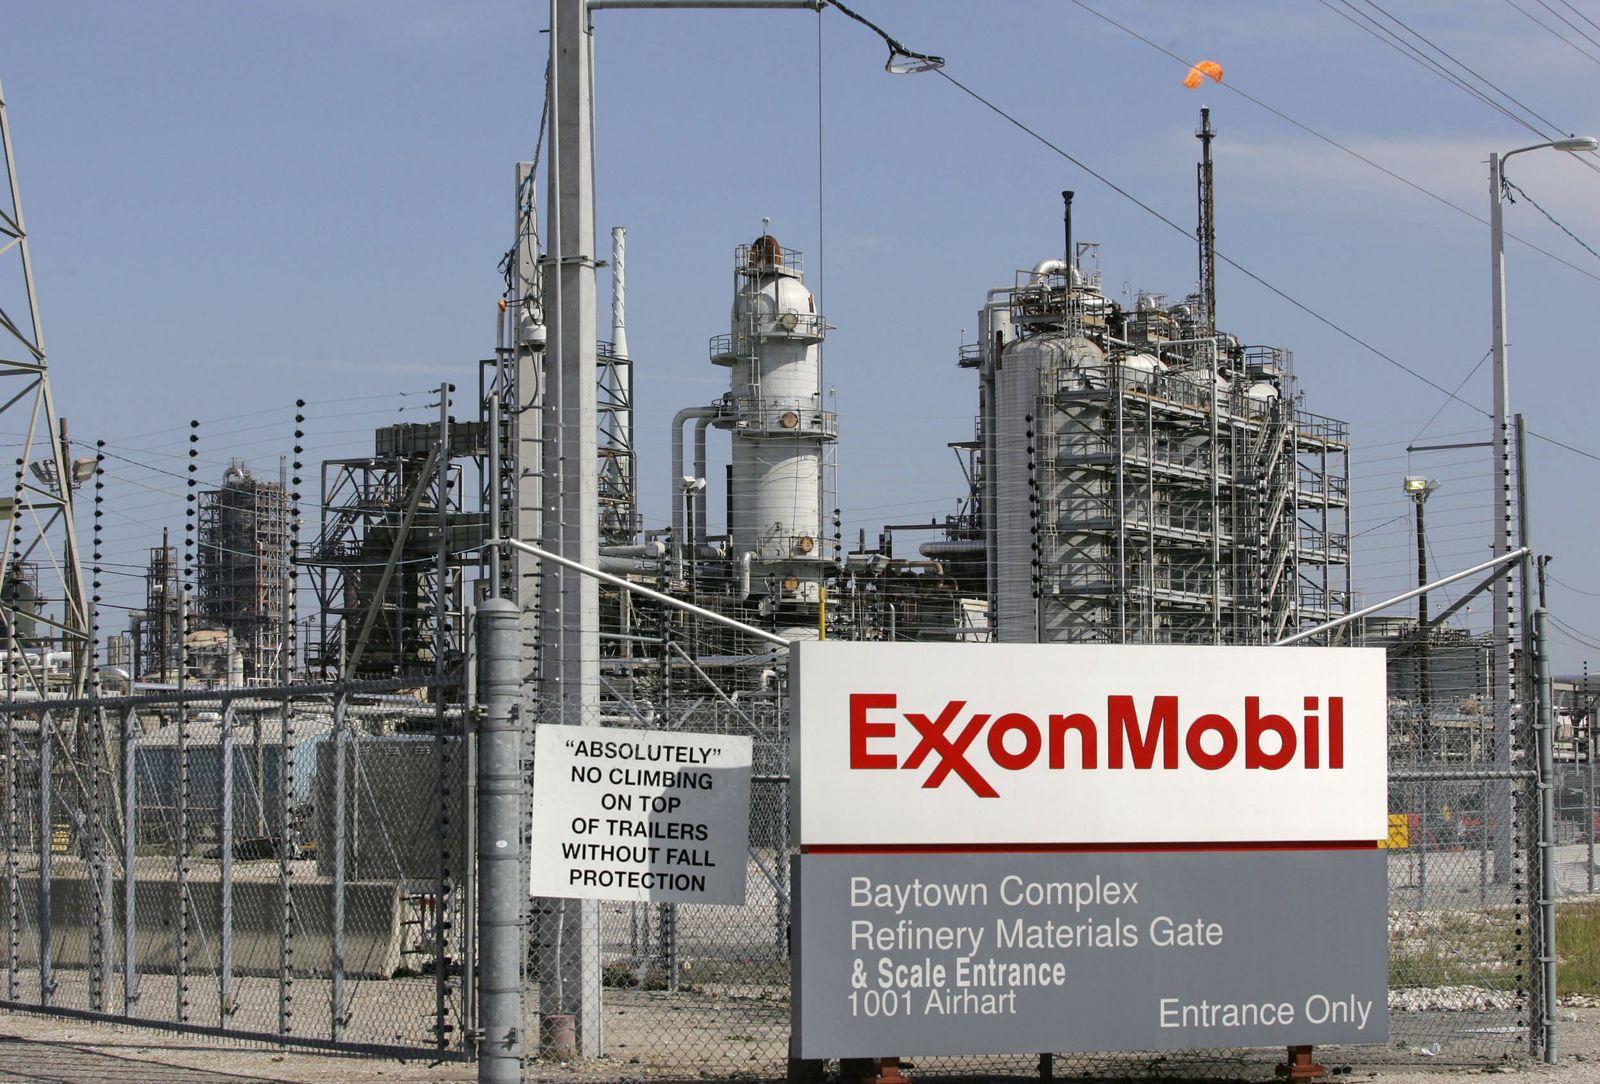 Exxon Mobil Texas